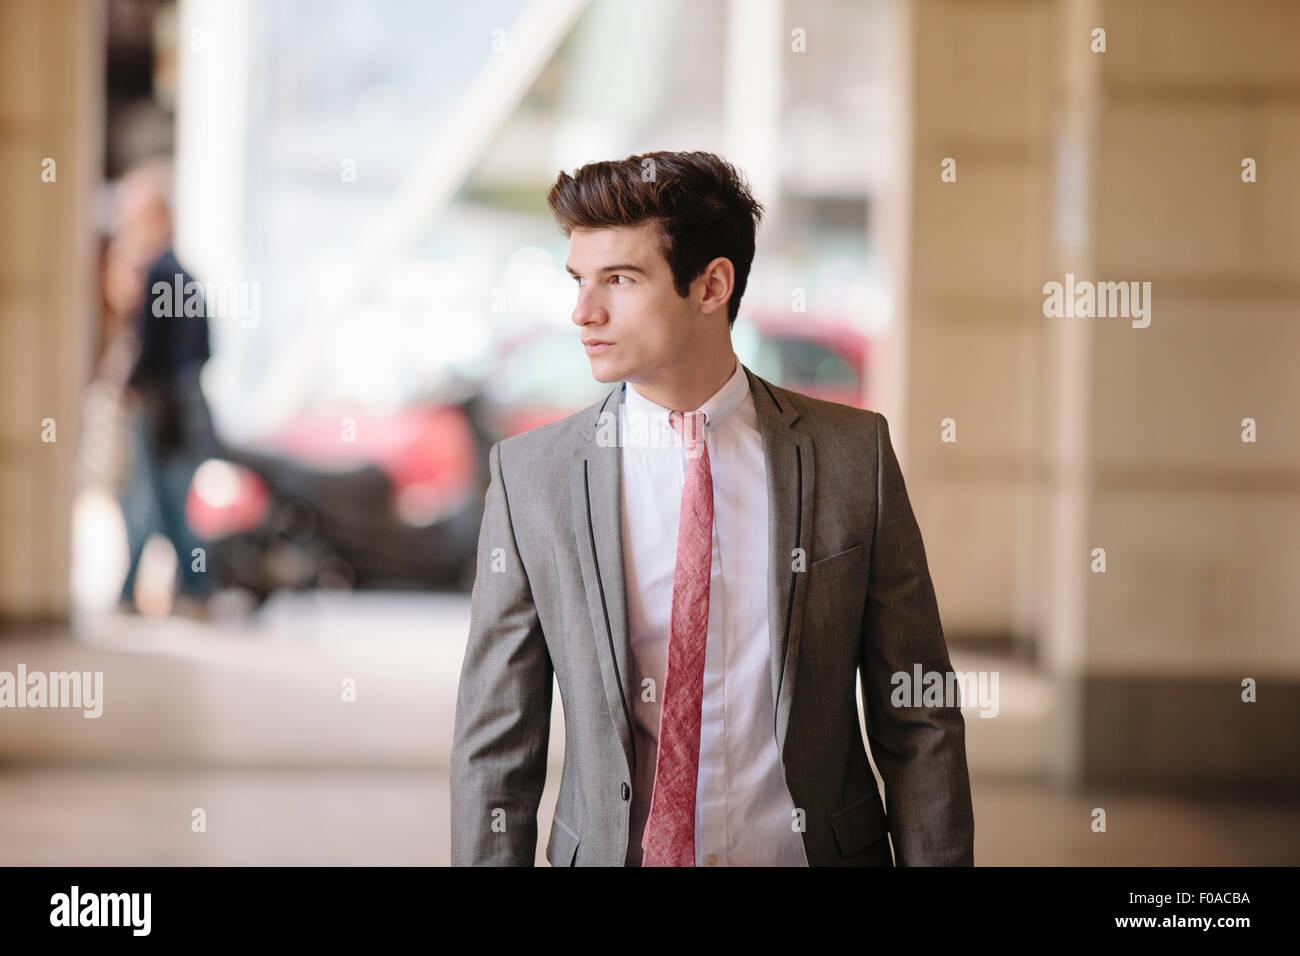 Überzeugt junge Stadt Geschäftsmann zu Fuß auf dem Bürgersteig Stockfoto